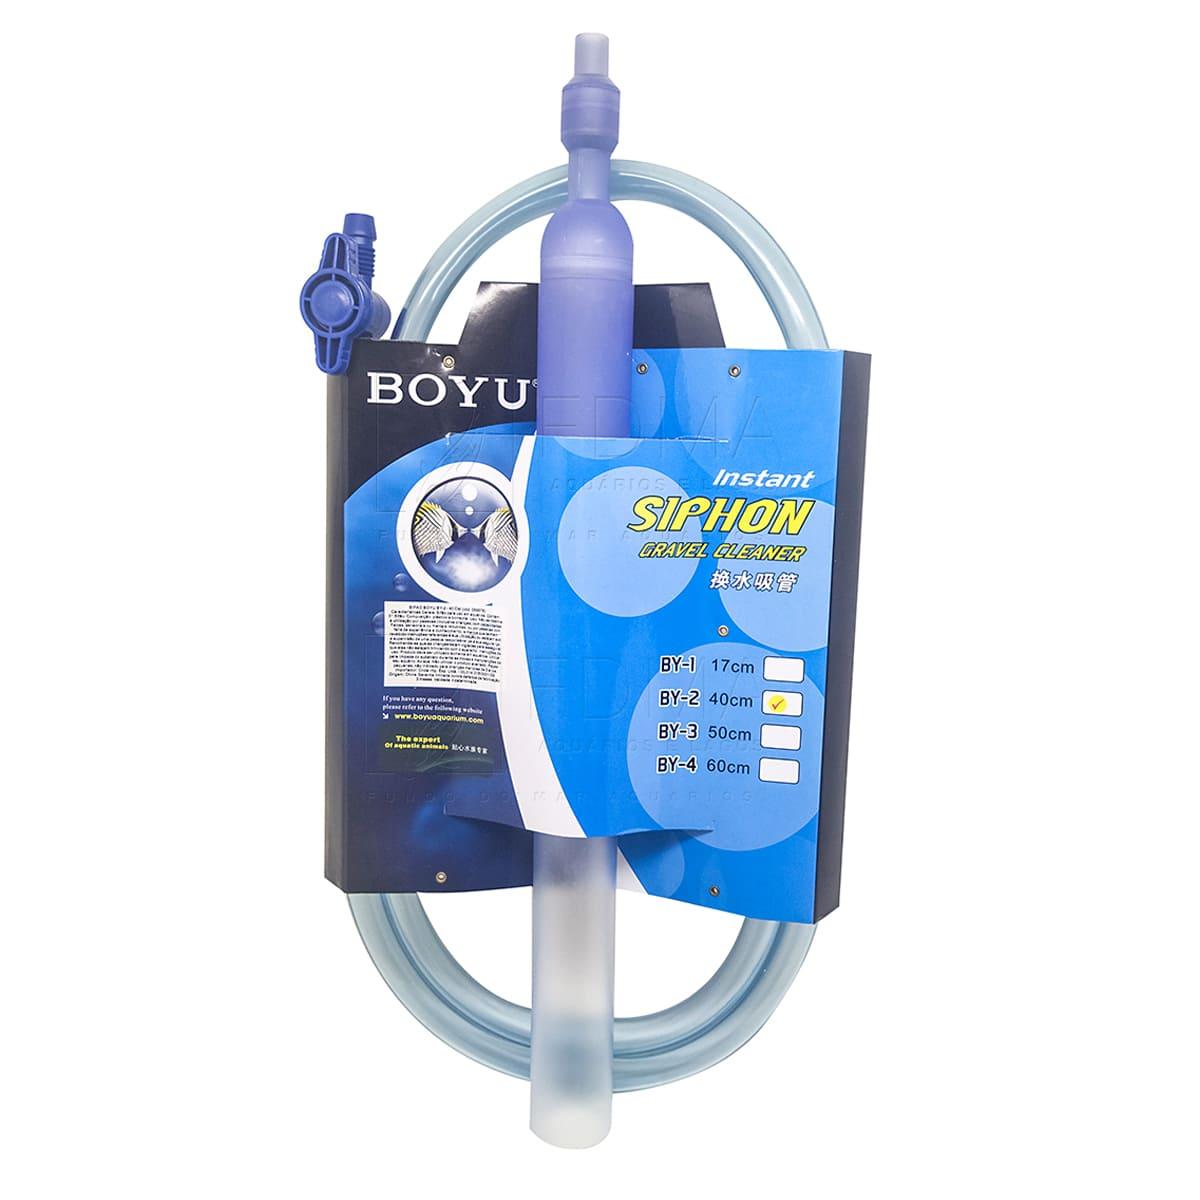 Sifão Boyu BY-2 para Limpeza de Aquários 40x4cm